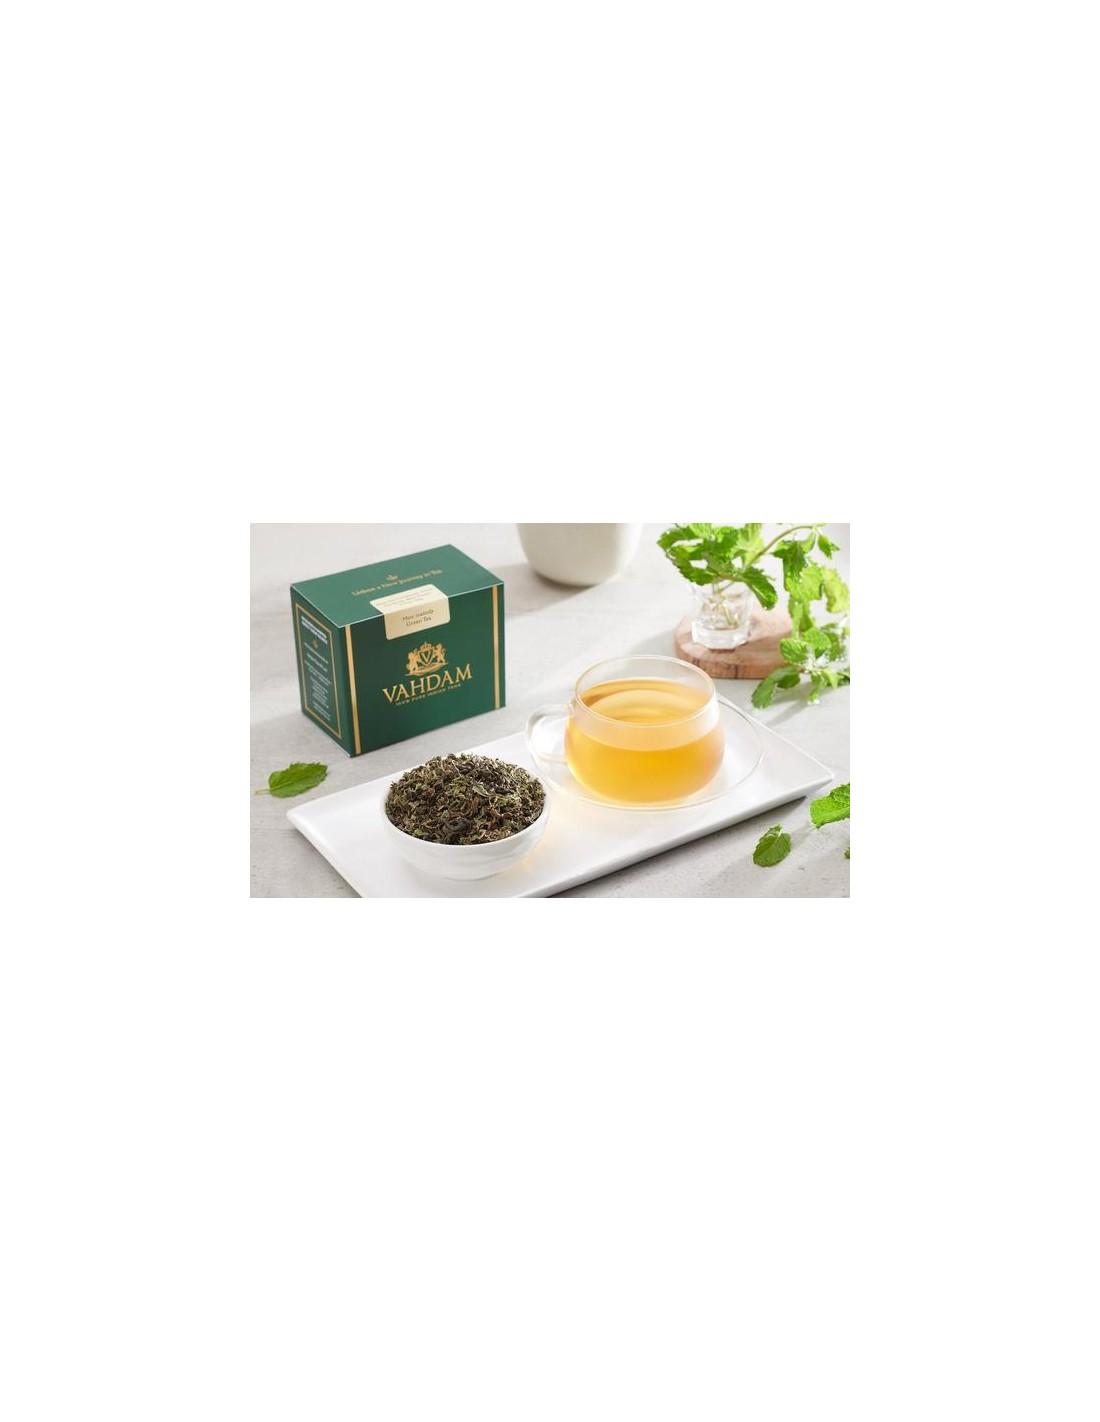 Mint Melody Green Tea - Republika Smaków Sp. z o.o.